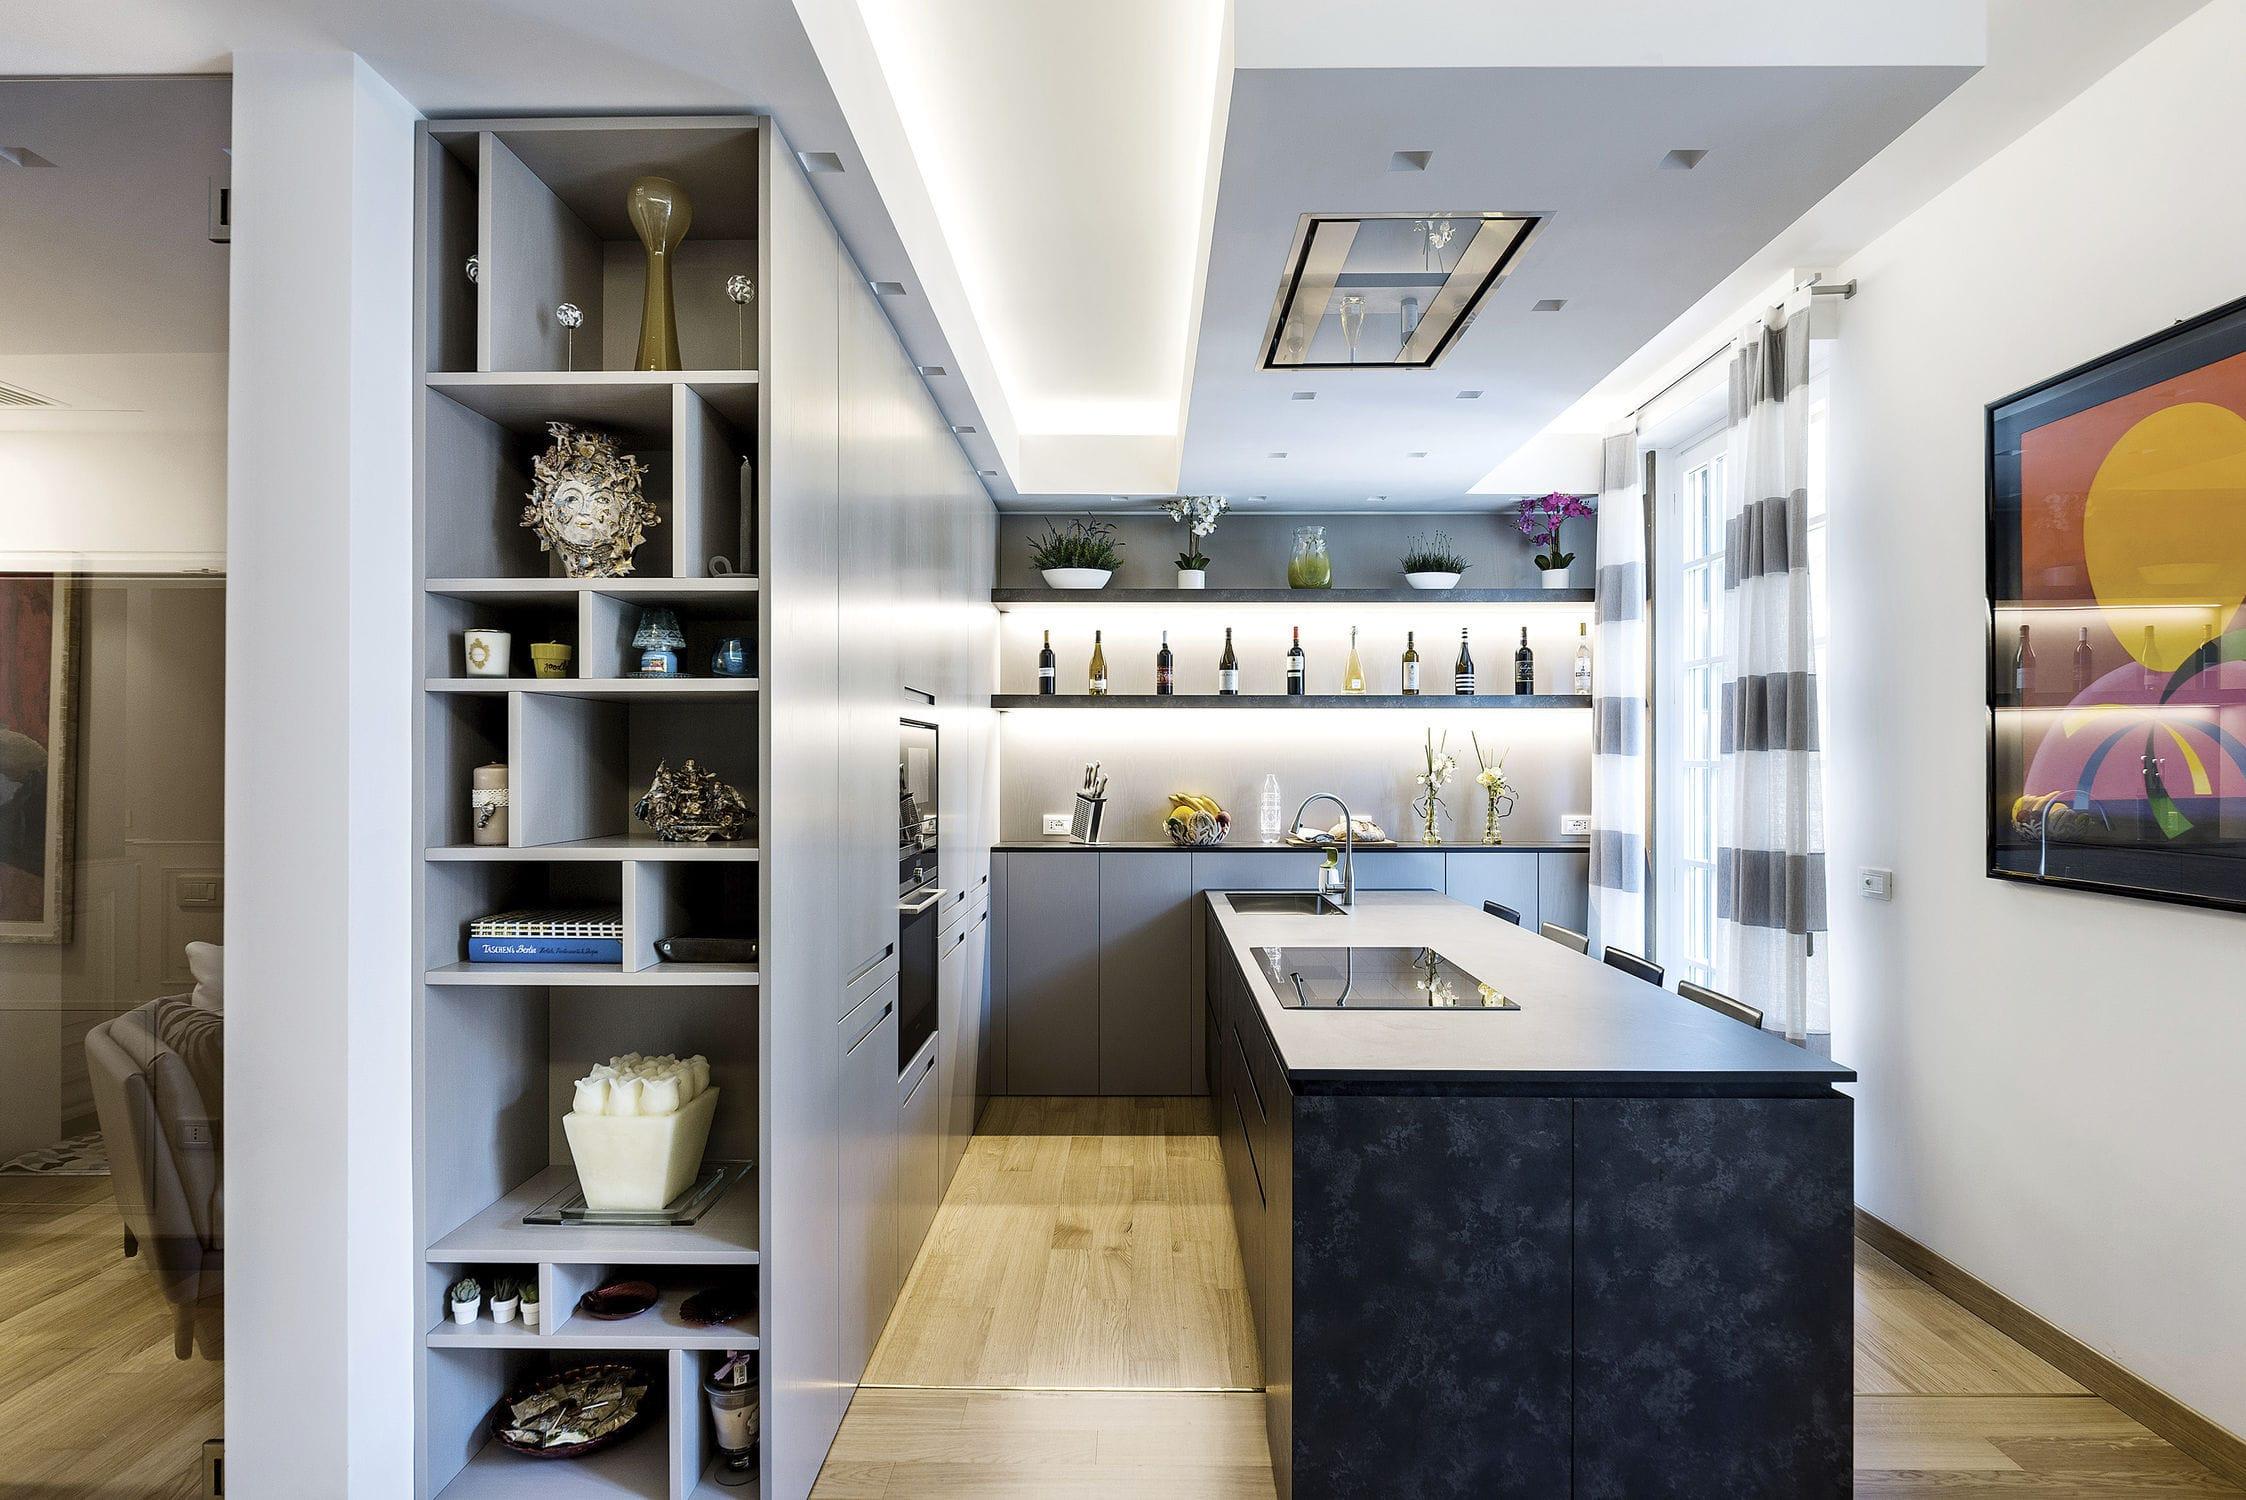 современная кухня из ламината без ручки 20150301